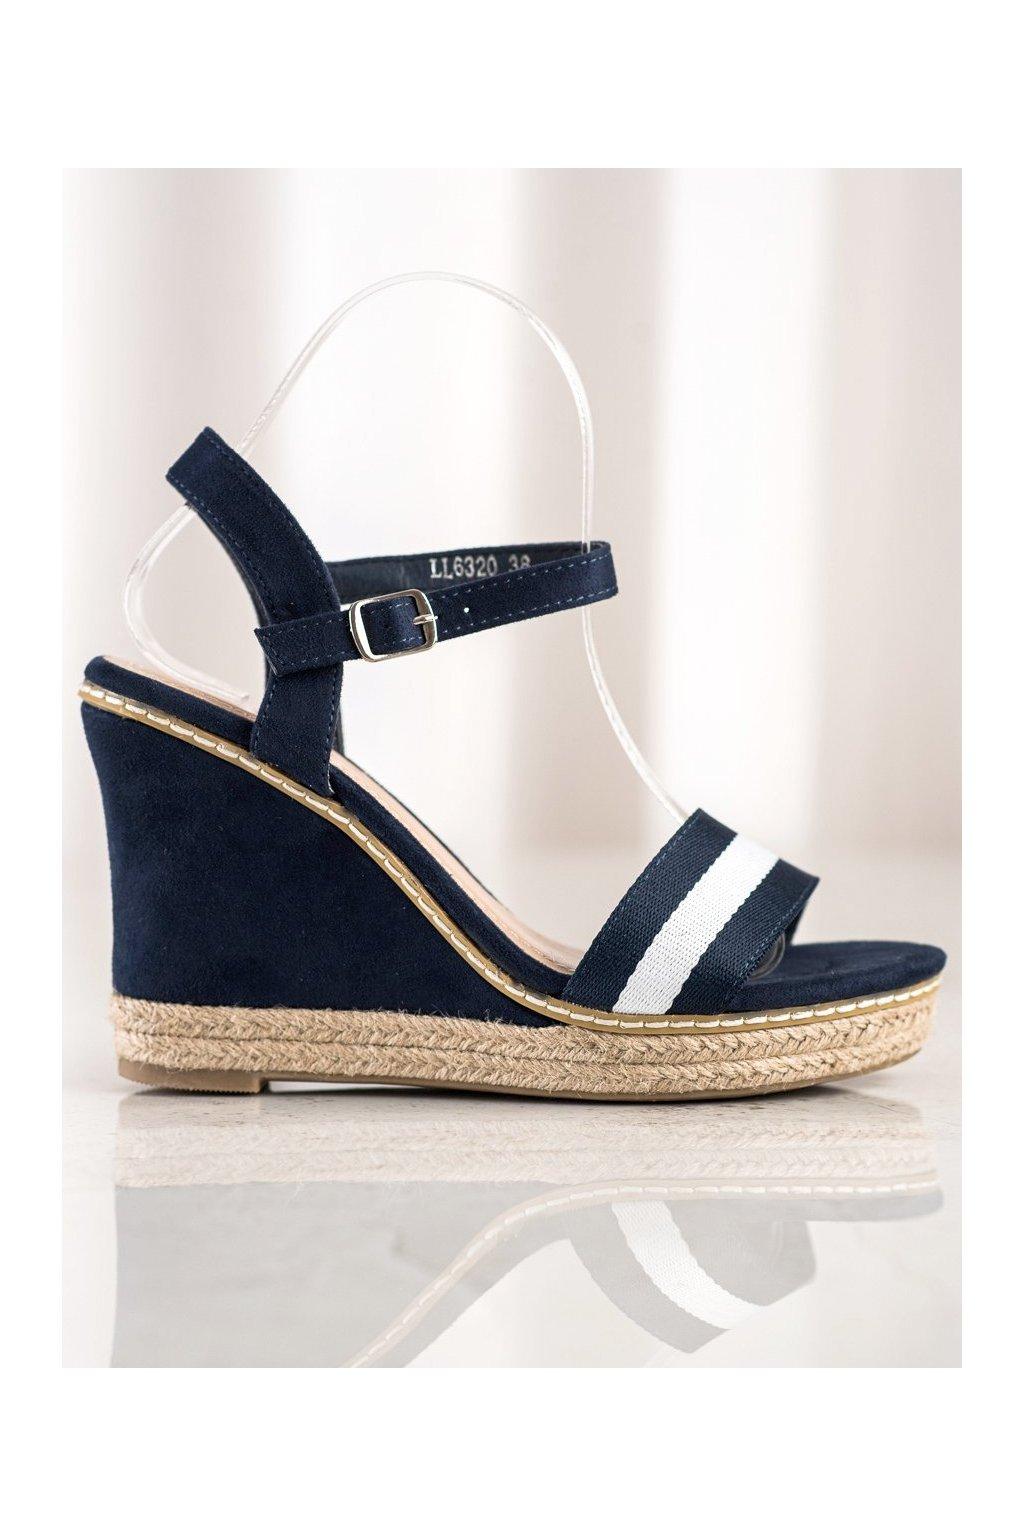 Modré sandále NJSK LL6320BL